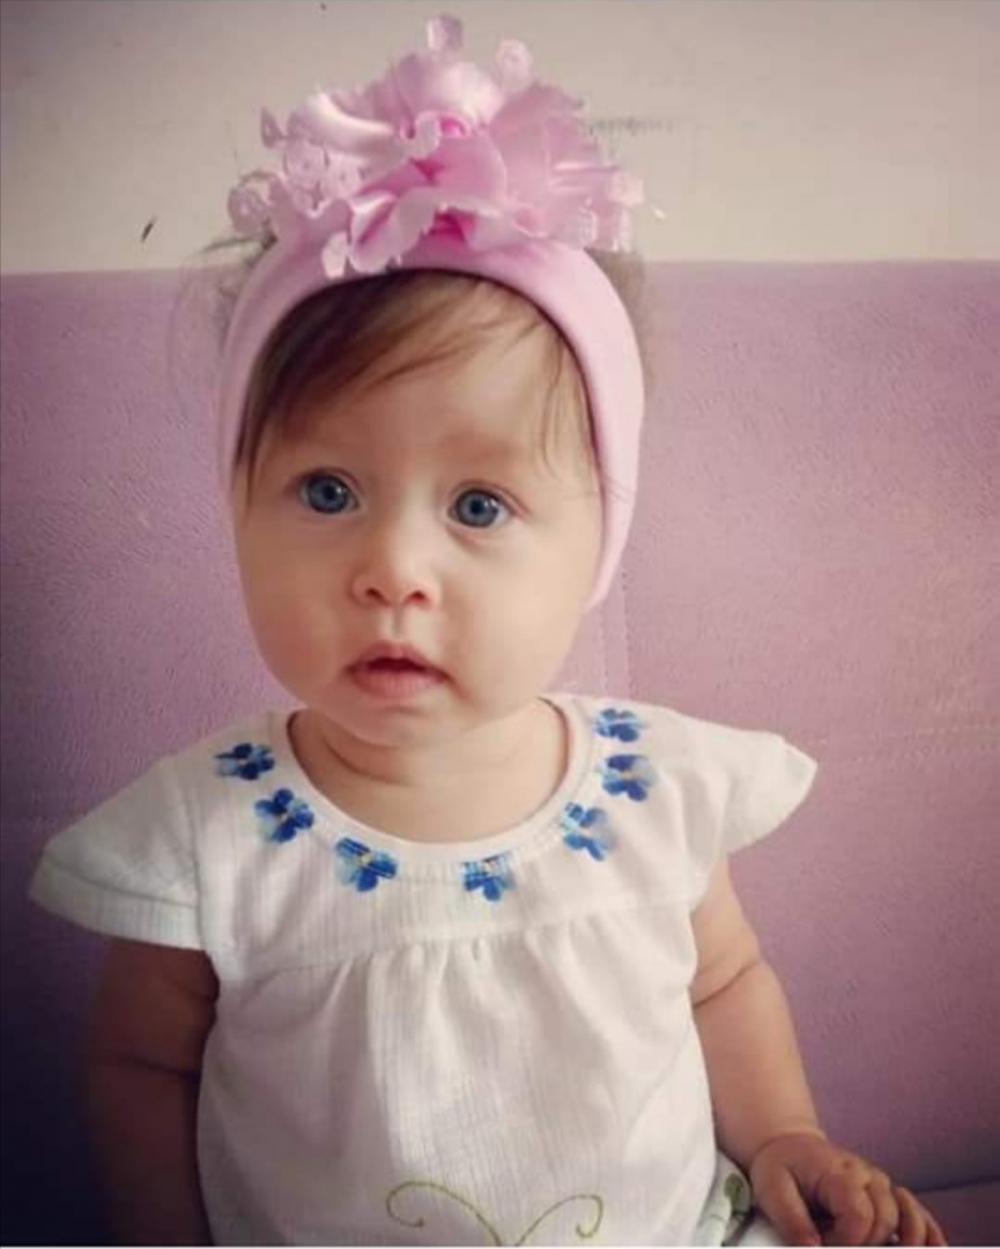 Korkunç ölüm! 3 yaşındaki kız feci şekilde hayatını kaybetti 4